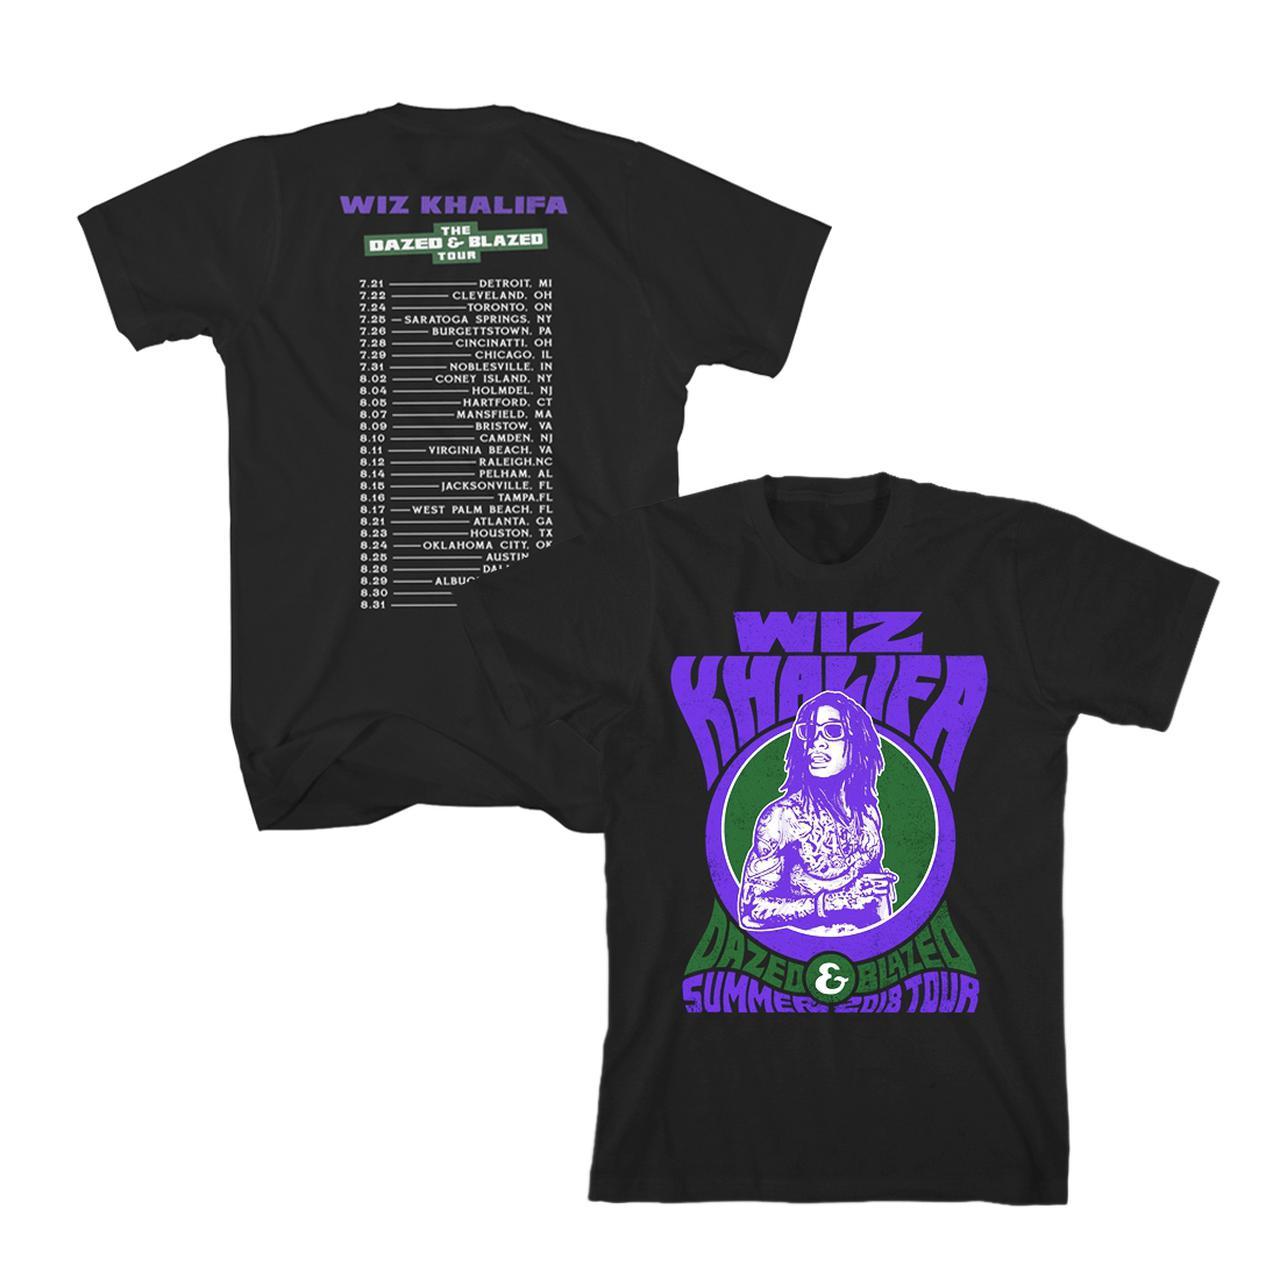 35789b30a09 Wiz Khalifa. Dazed and Blazed 2018 Tour T-Shirt